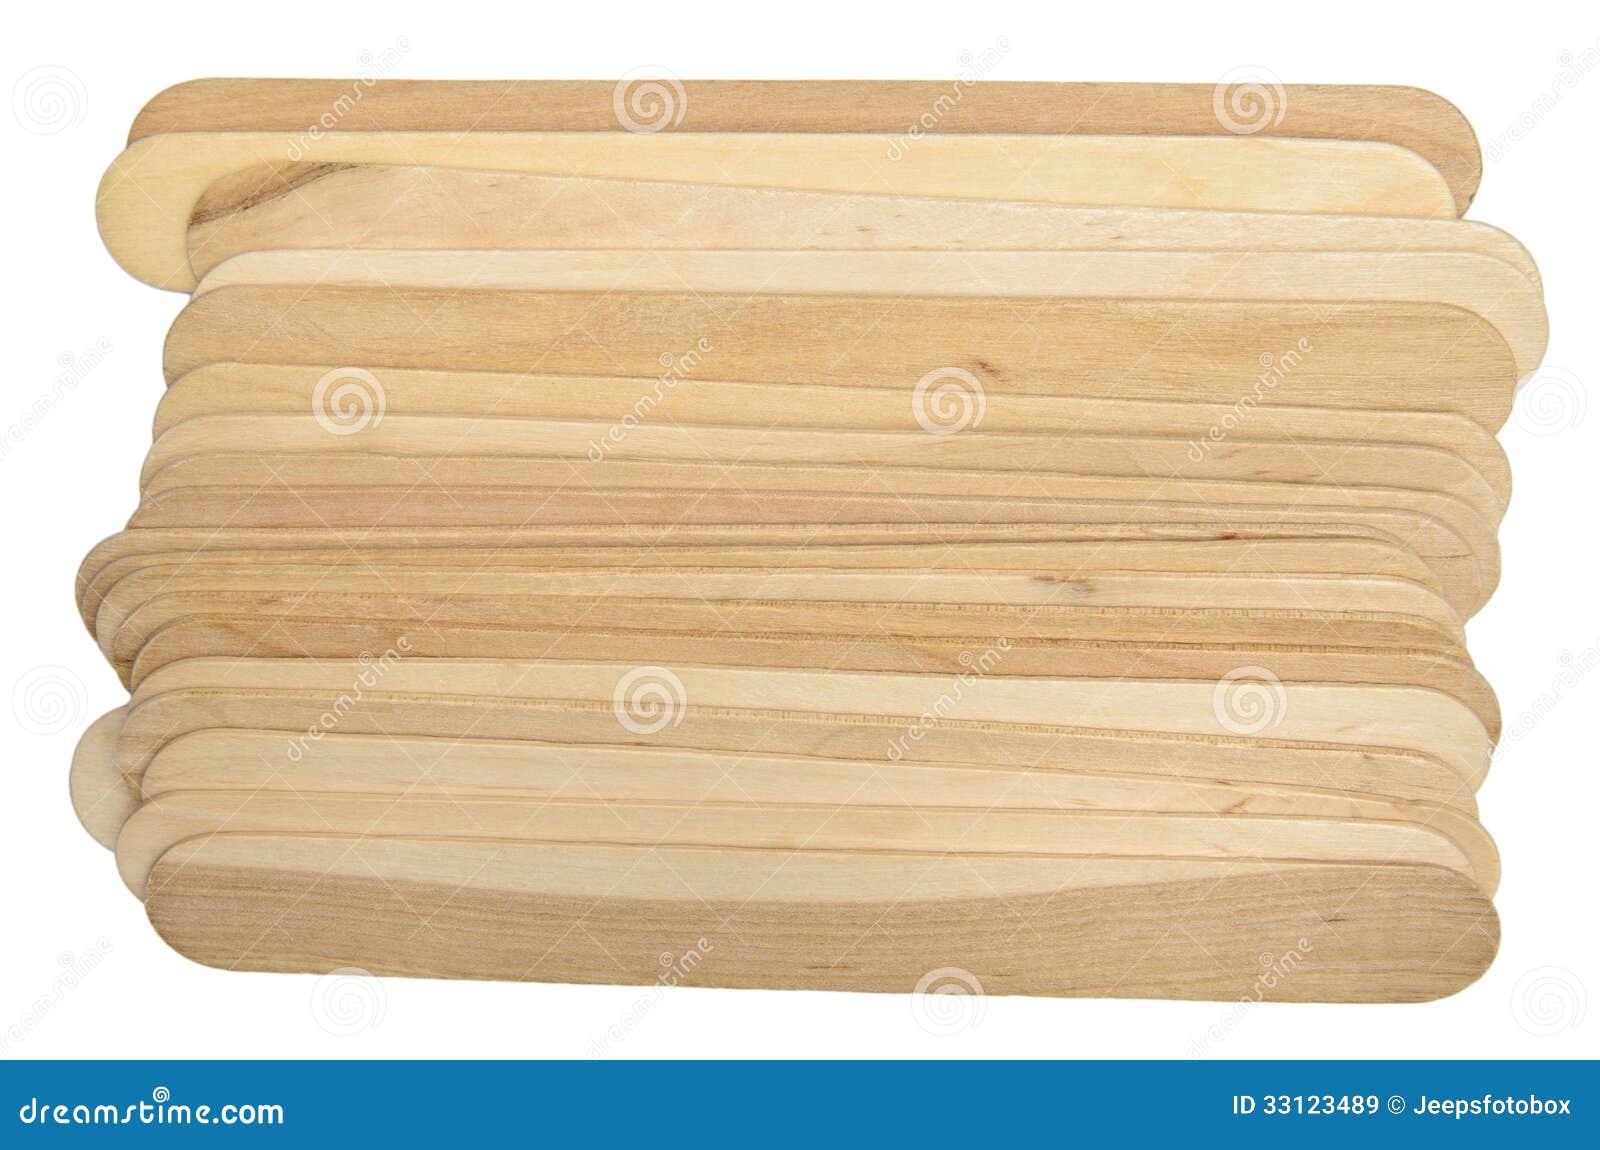 Natural Jumbo Wood Craft Sticks